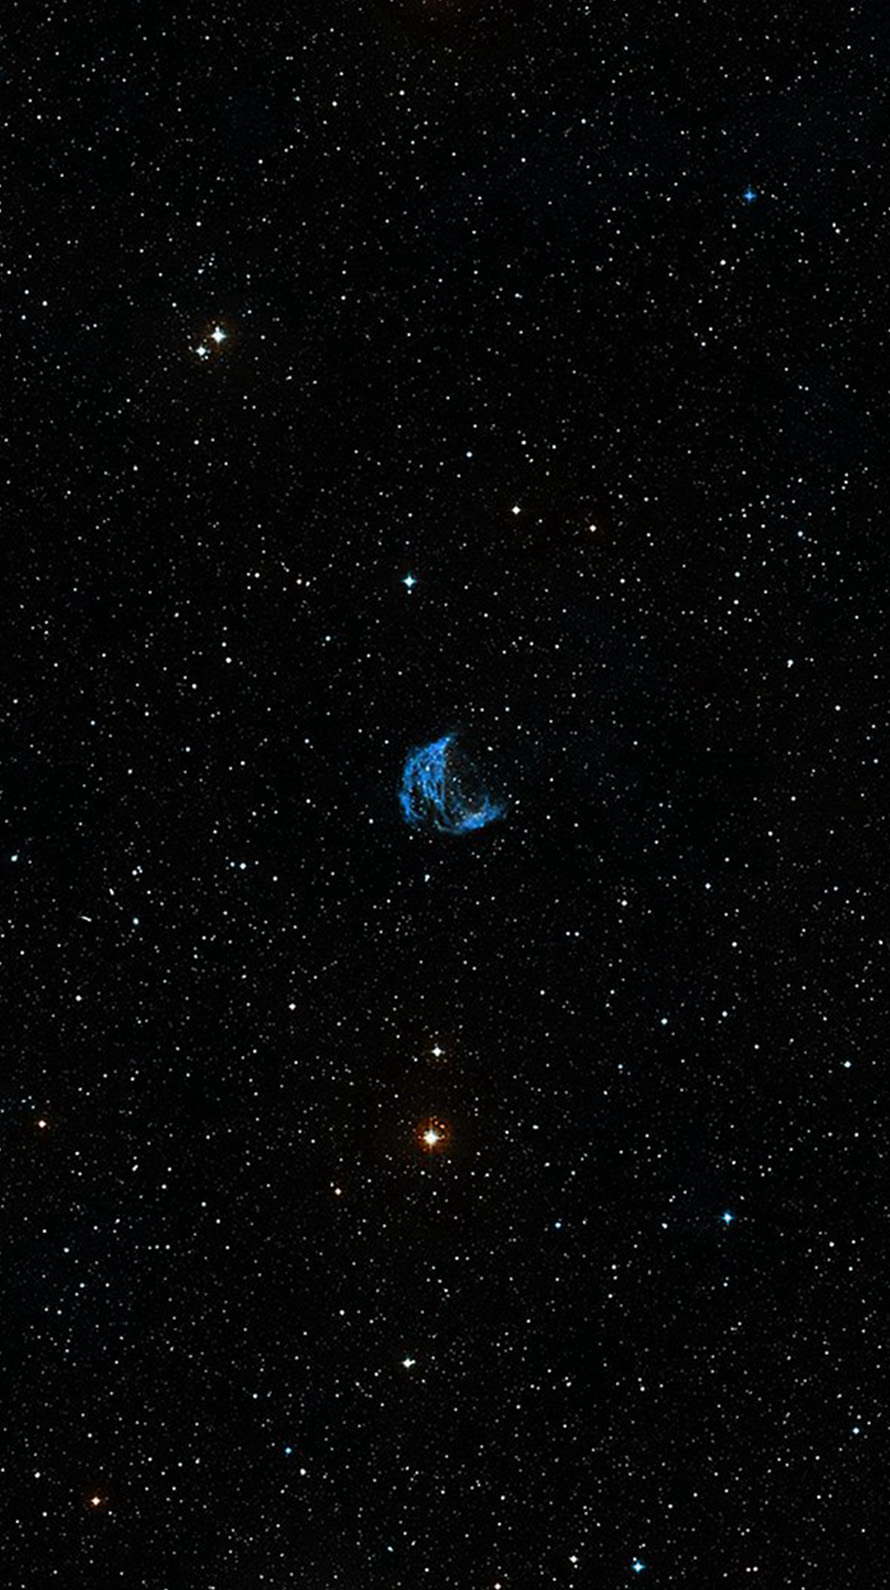 宇宙 小さな星 iPhone6壁紙